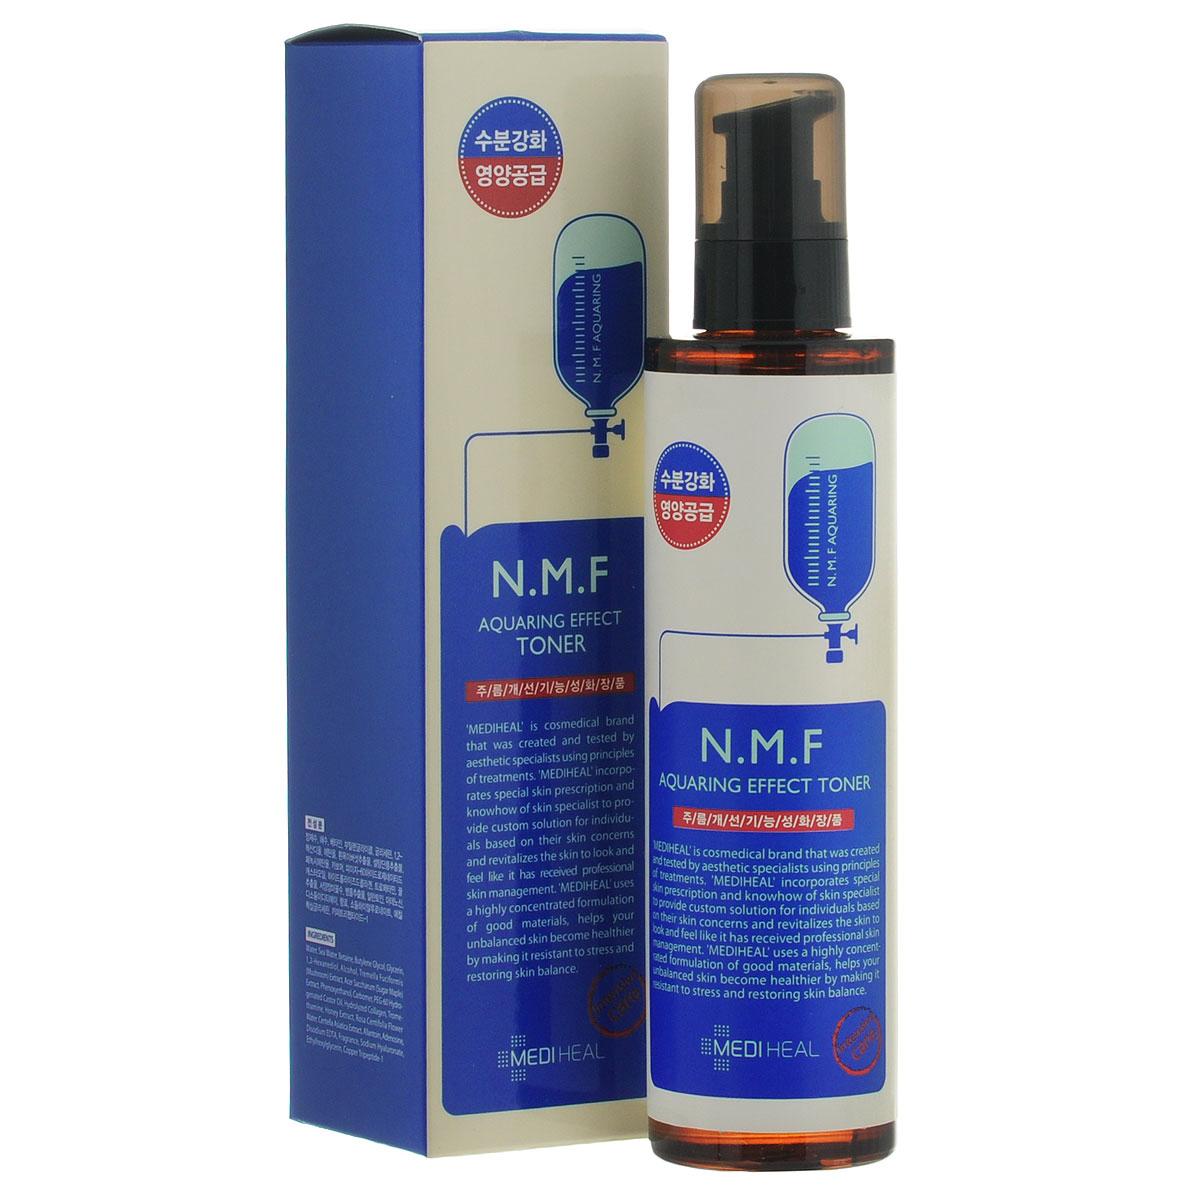 Beauty Clinic Лосьон-тоник для лица Aquaring Effect, с N.M.F., увлажняющий, 145 мл555838Лосьон-тоник содержит N.M.F. и другие активные увлажняющие и подтягивающие компоненты, такие как глубинная морская вода, гиалуроновая кислота, экстракты древесного гриба, сахарного клена, меда, центеллы азиатской. Интенсивно увлажняет, подтягивает и питает кожу, придает ей свежий вид. Способствует разглаживанию морщин. NMF (натуральный увлажняющий фактор) - это сложный комплекс молекул в роговом слое кожи, который способен притягивать и удерживать влагу, обеспечивать упругость и плотность рогового слоя кожи. В состав NMF входят низкомолекулярные пептиды, карбамид, пирролидонкарбоновая кислота, аминокислоты и т. д. При недостаточности увлажняющего фактора происходит обезвоживание эпидермиса. Глубинная морская вода содержит большое количество питательных веществ и 70 видов минералов, которые активно увлажняют кожу, придают ей здоровый вид, делают цвет кожи более естественным, выравнивают тон кожи. Экстракт клена сахарного ускоряет процесс обновления клеток,...